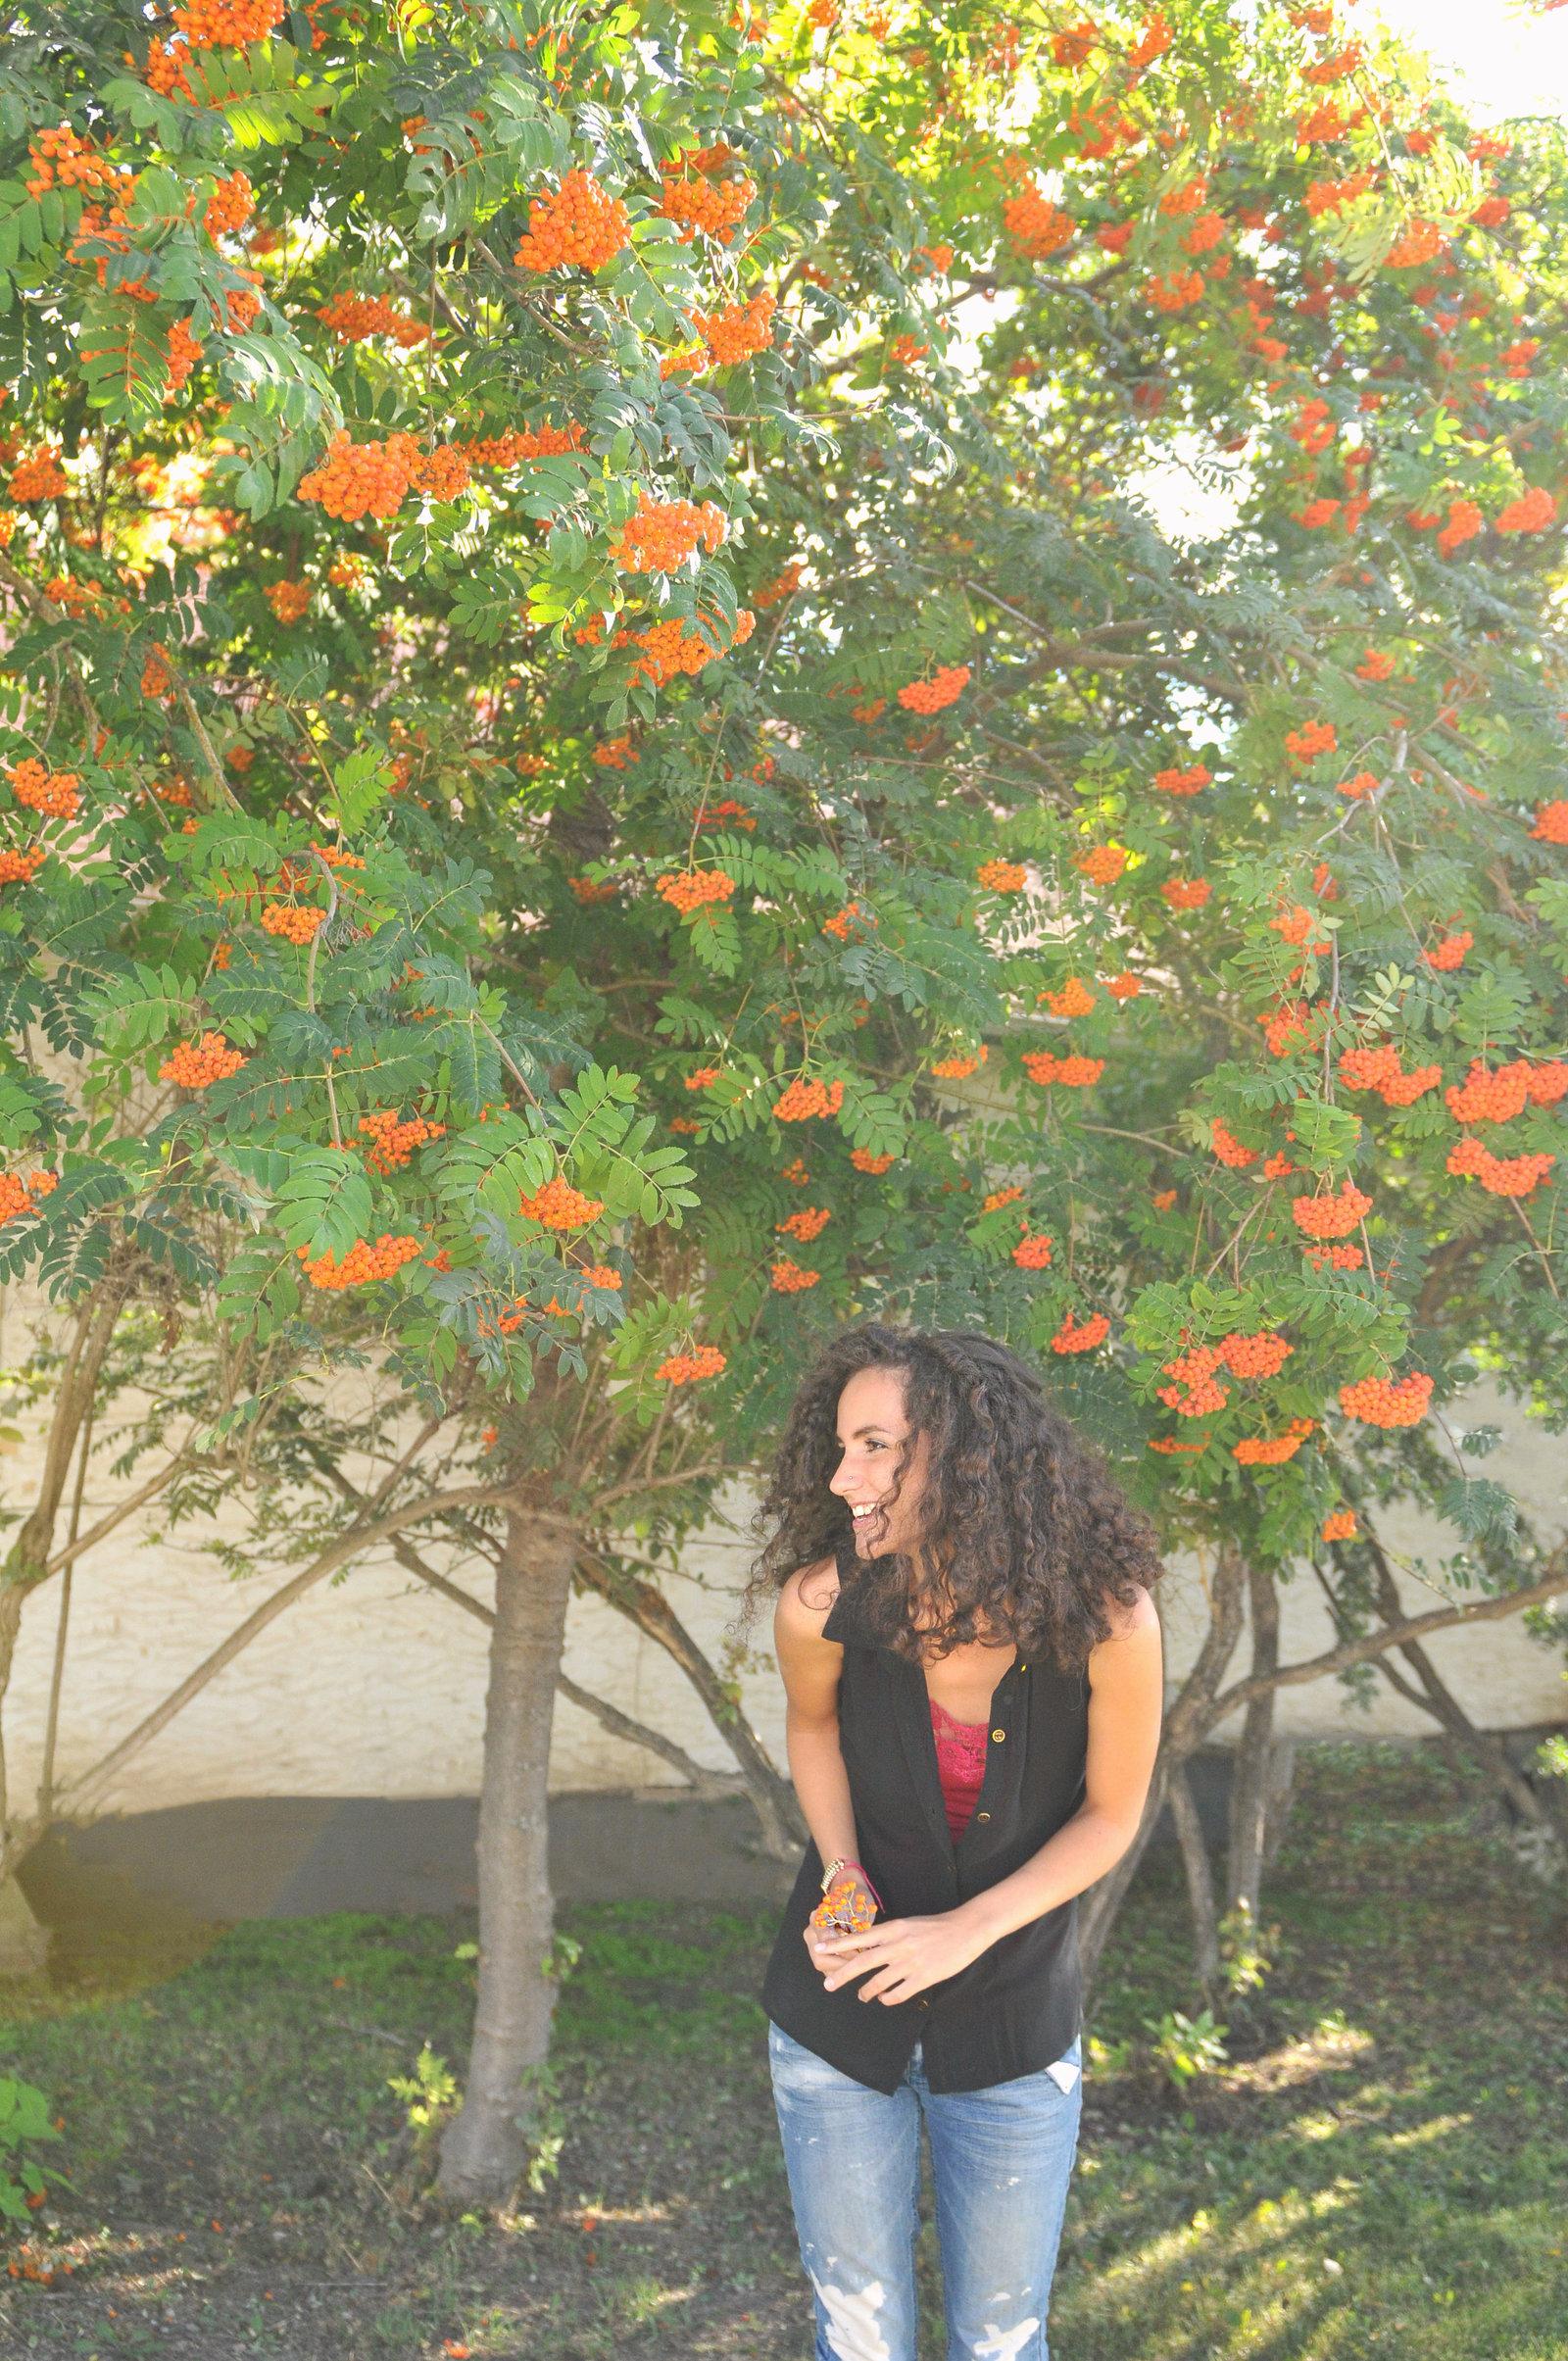 NiNi Tree Smile by Melissa E Earle